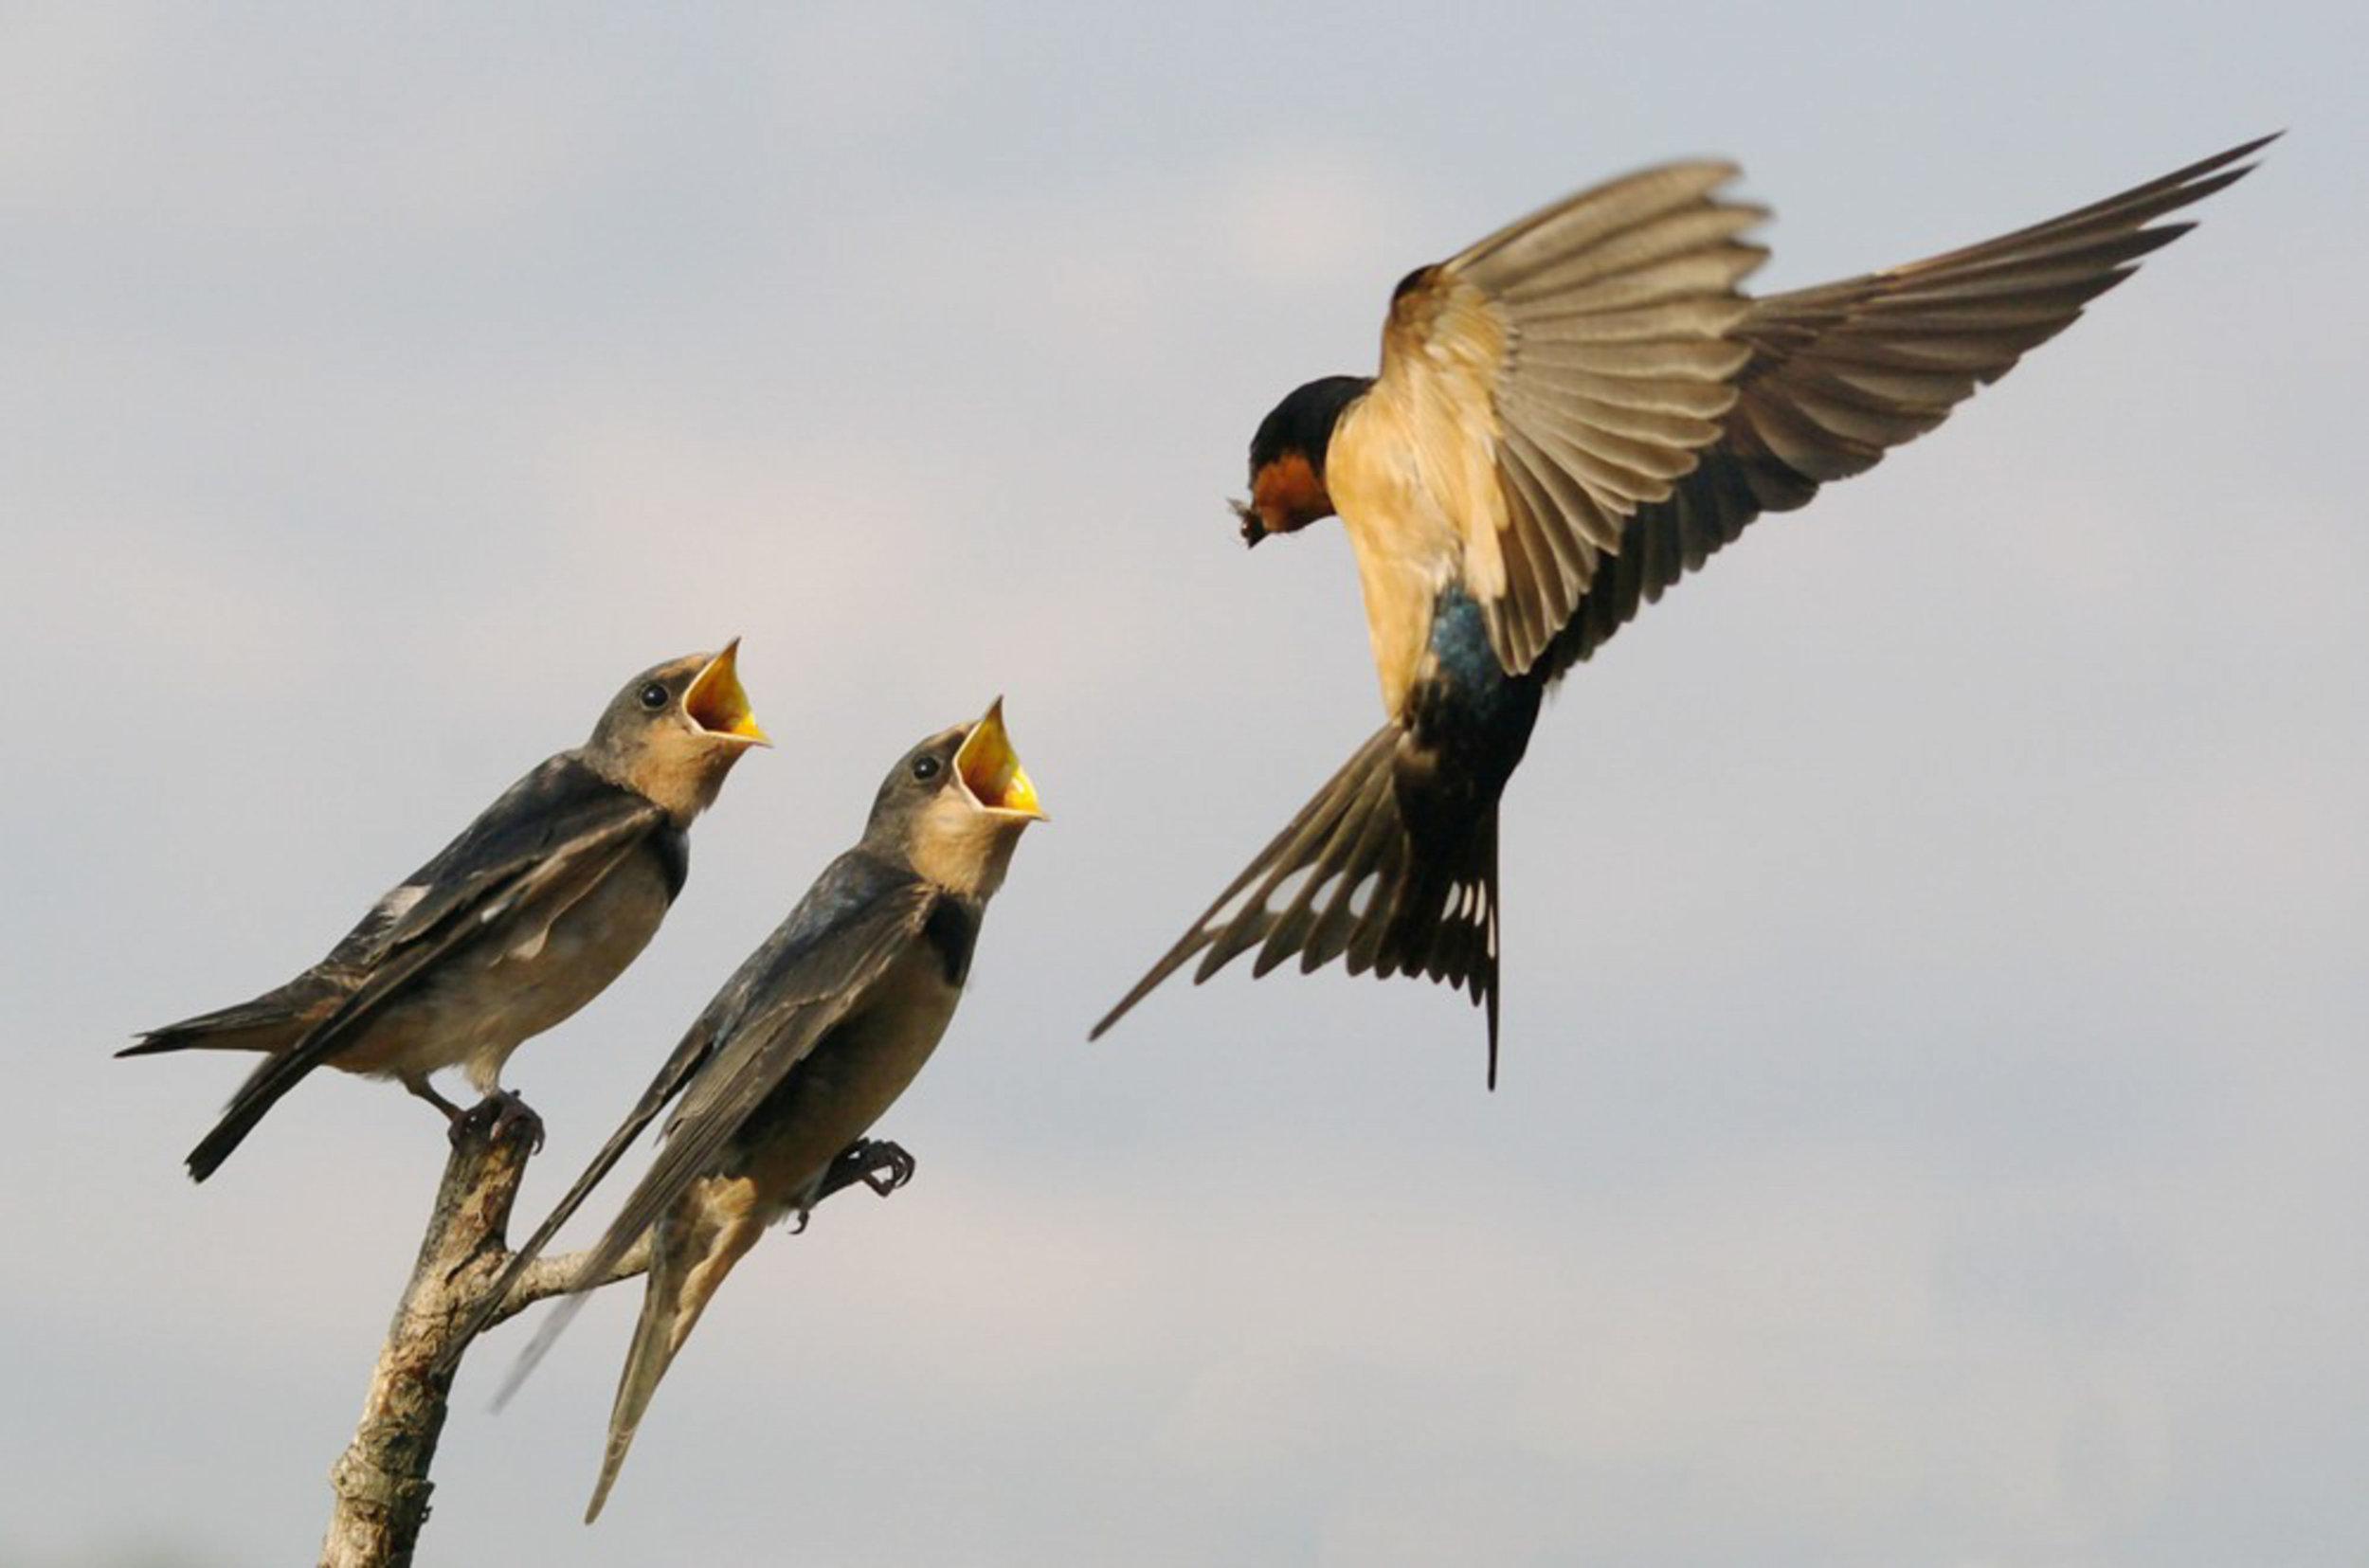 Philip Yabut/Audubon Photography Awards